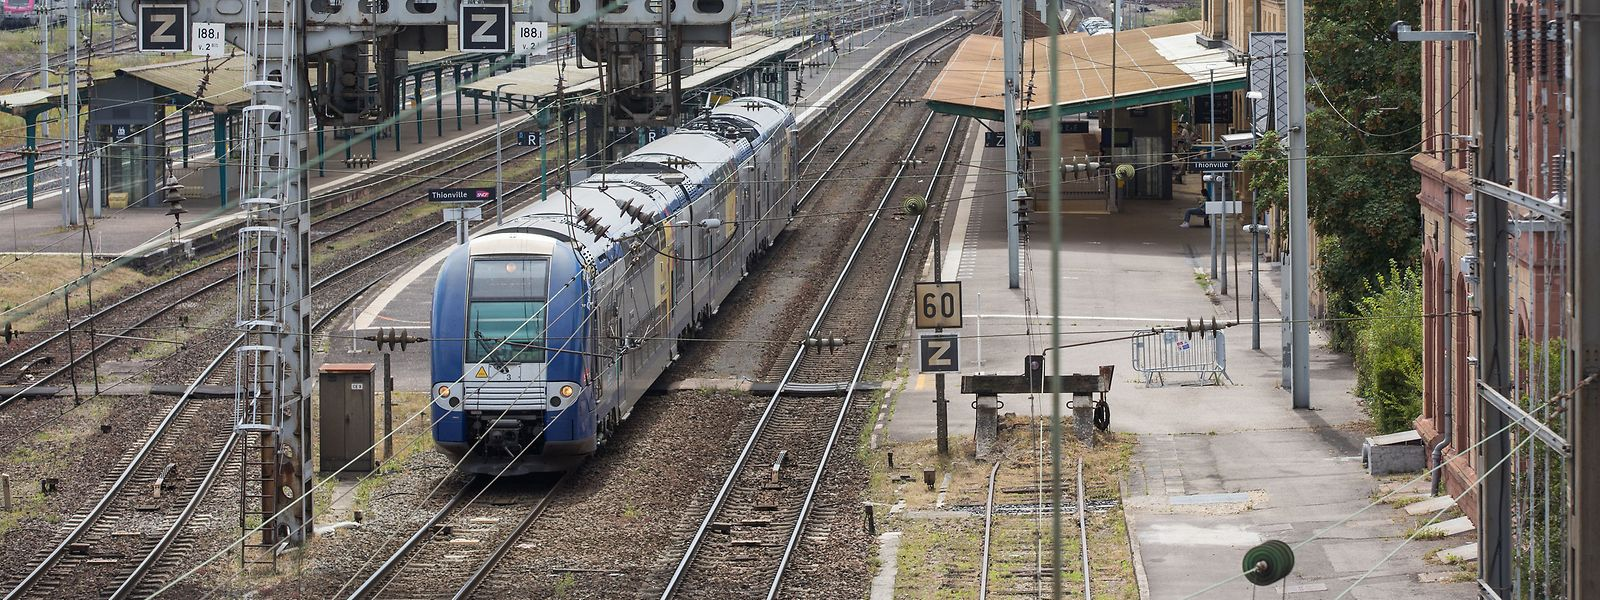 L'enveloppe supplémentaire de 110 millions d'euros pour le développement du réseau ferré entre la France et le Luxembourg sera en partie utilisée pour la construction d'un nouvel atelier de maintenance, situé à Metz.